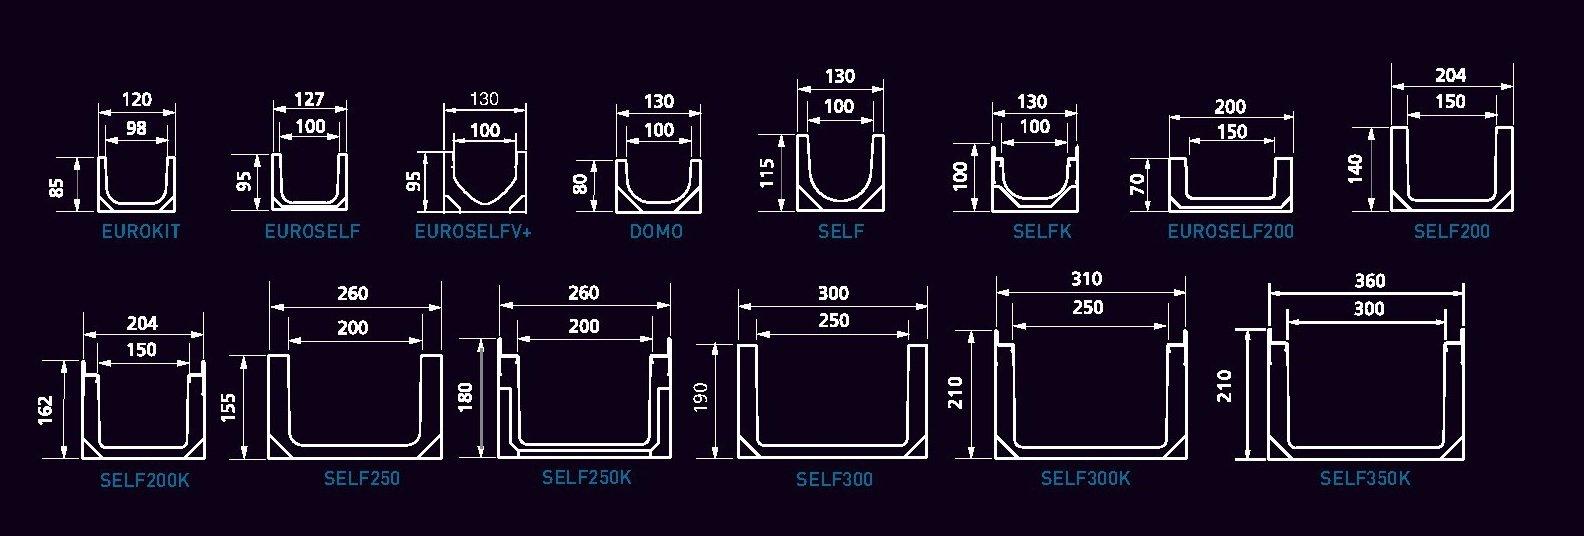 dimensiones canales self